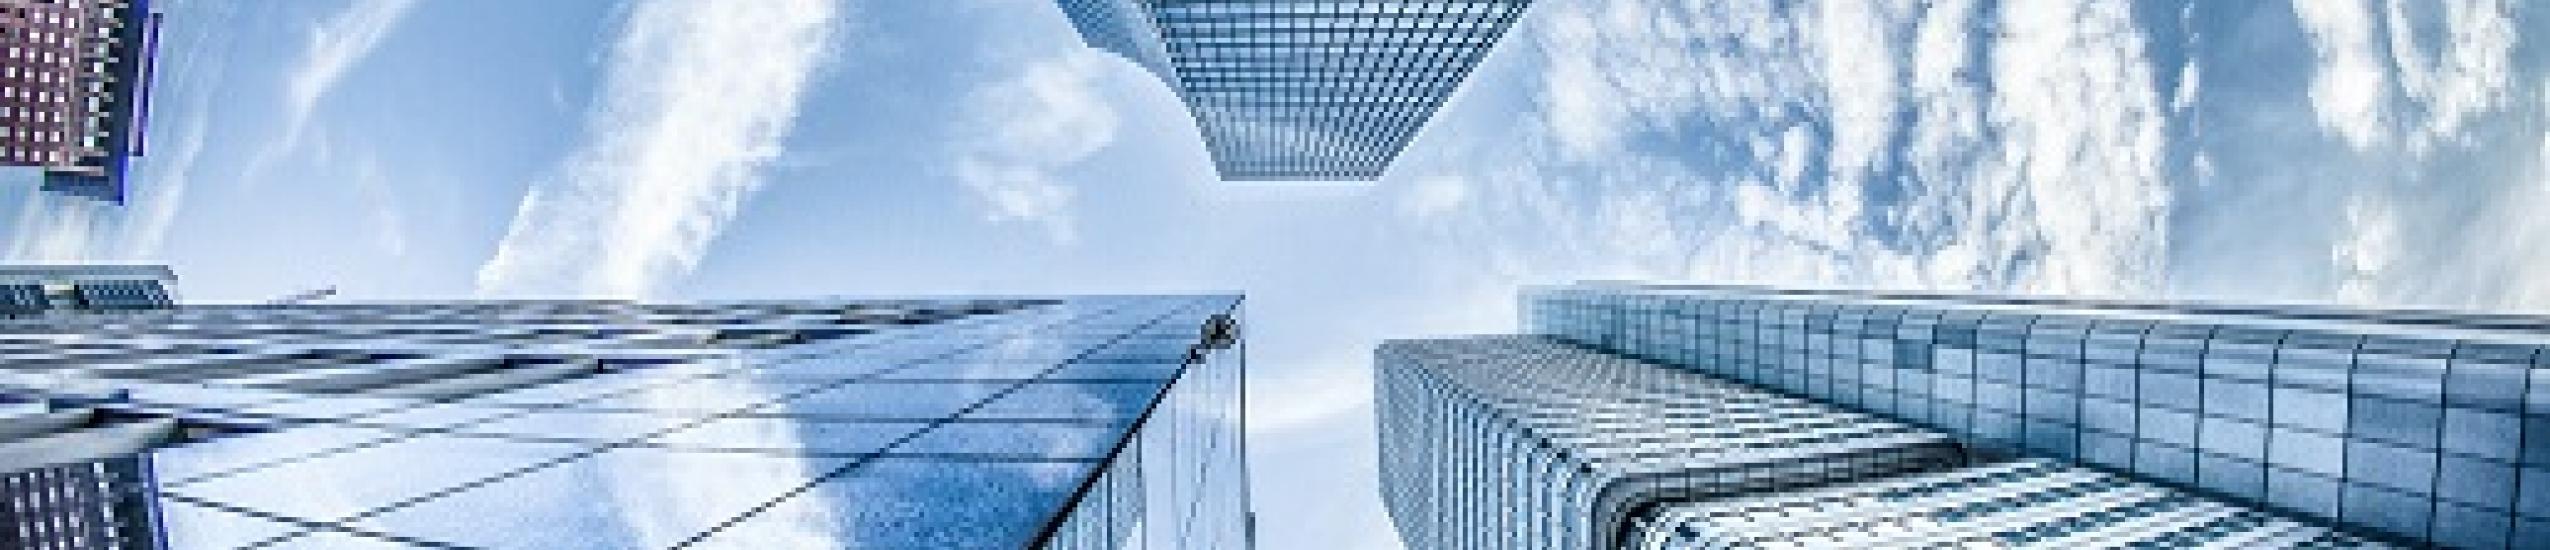 Formazione, servizi di supporto e contributo per la creazione d'impresa